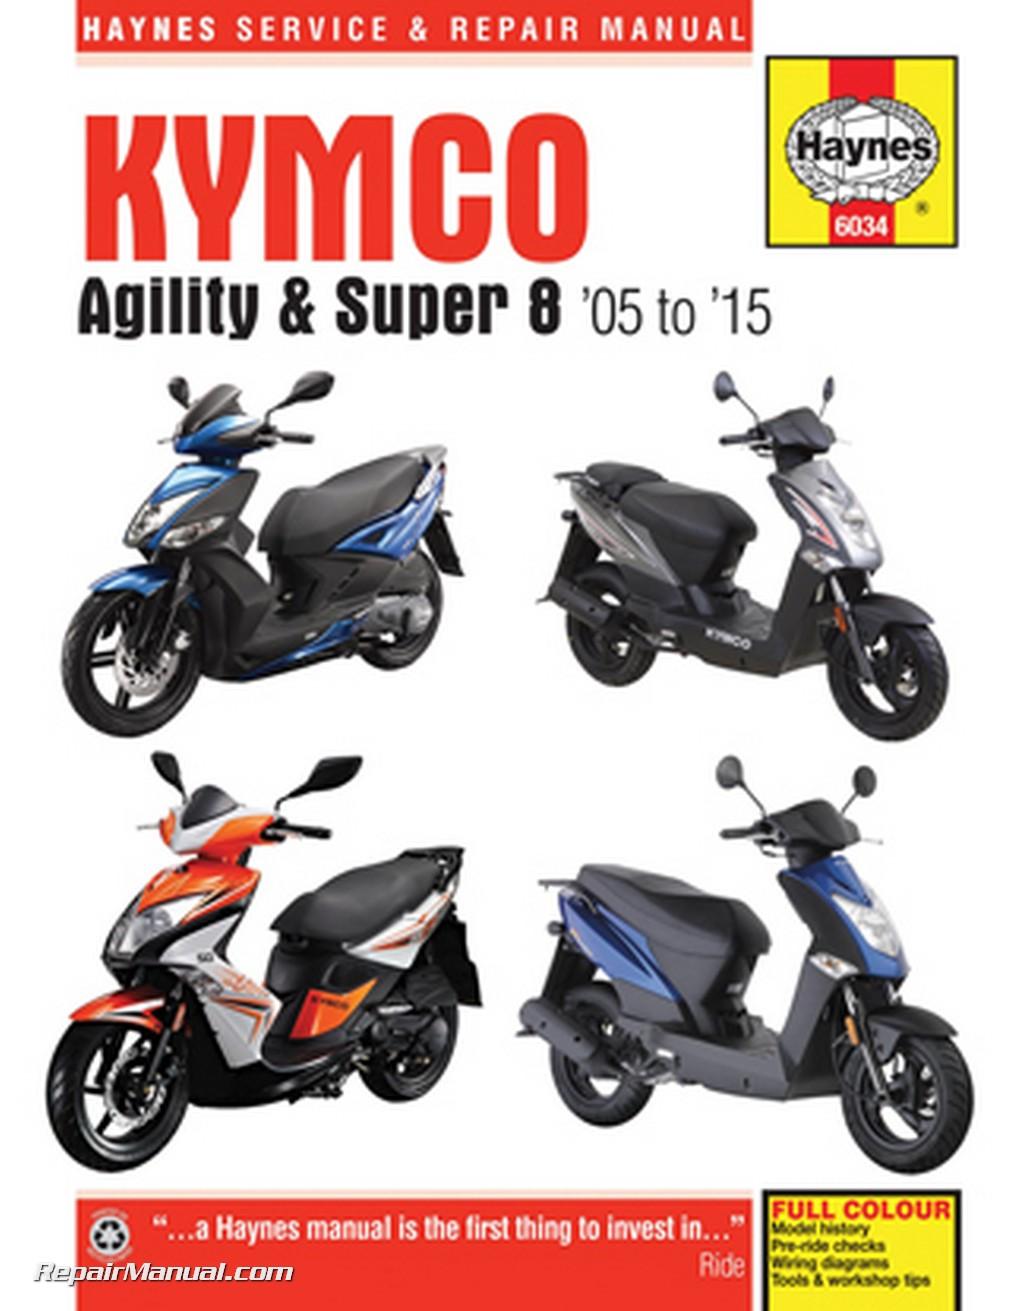 Kymco 300 mongoose owner manual.